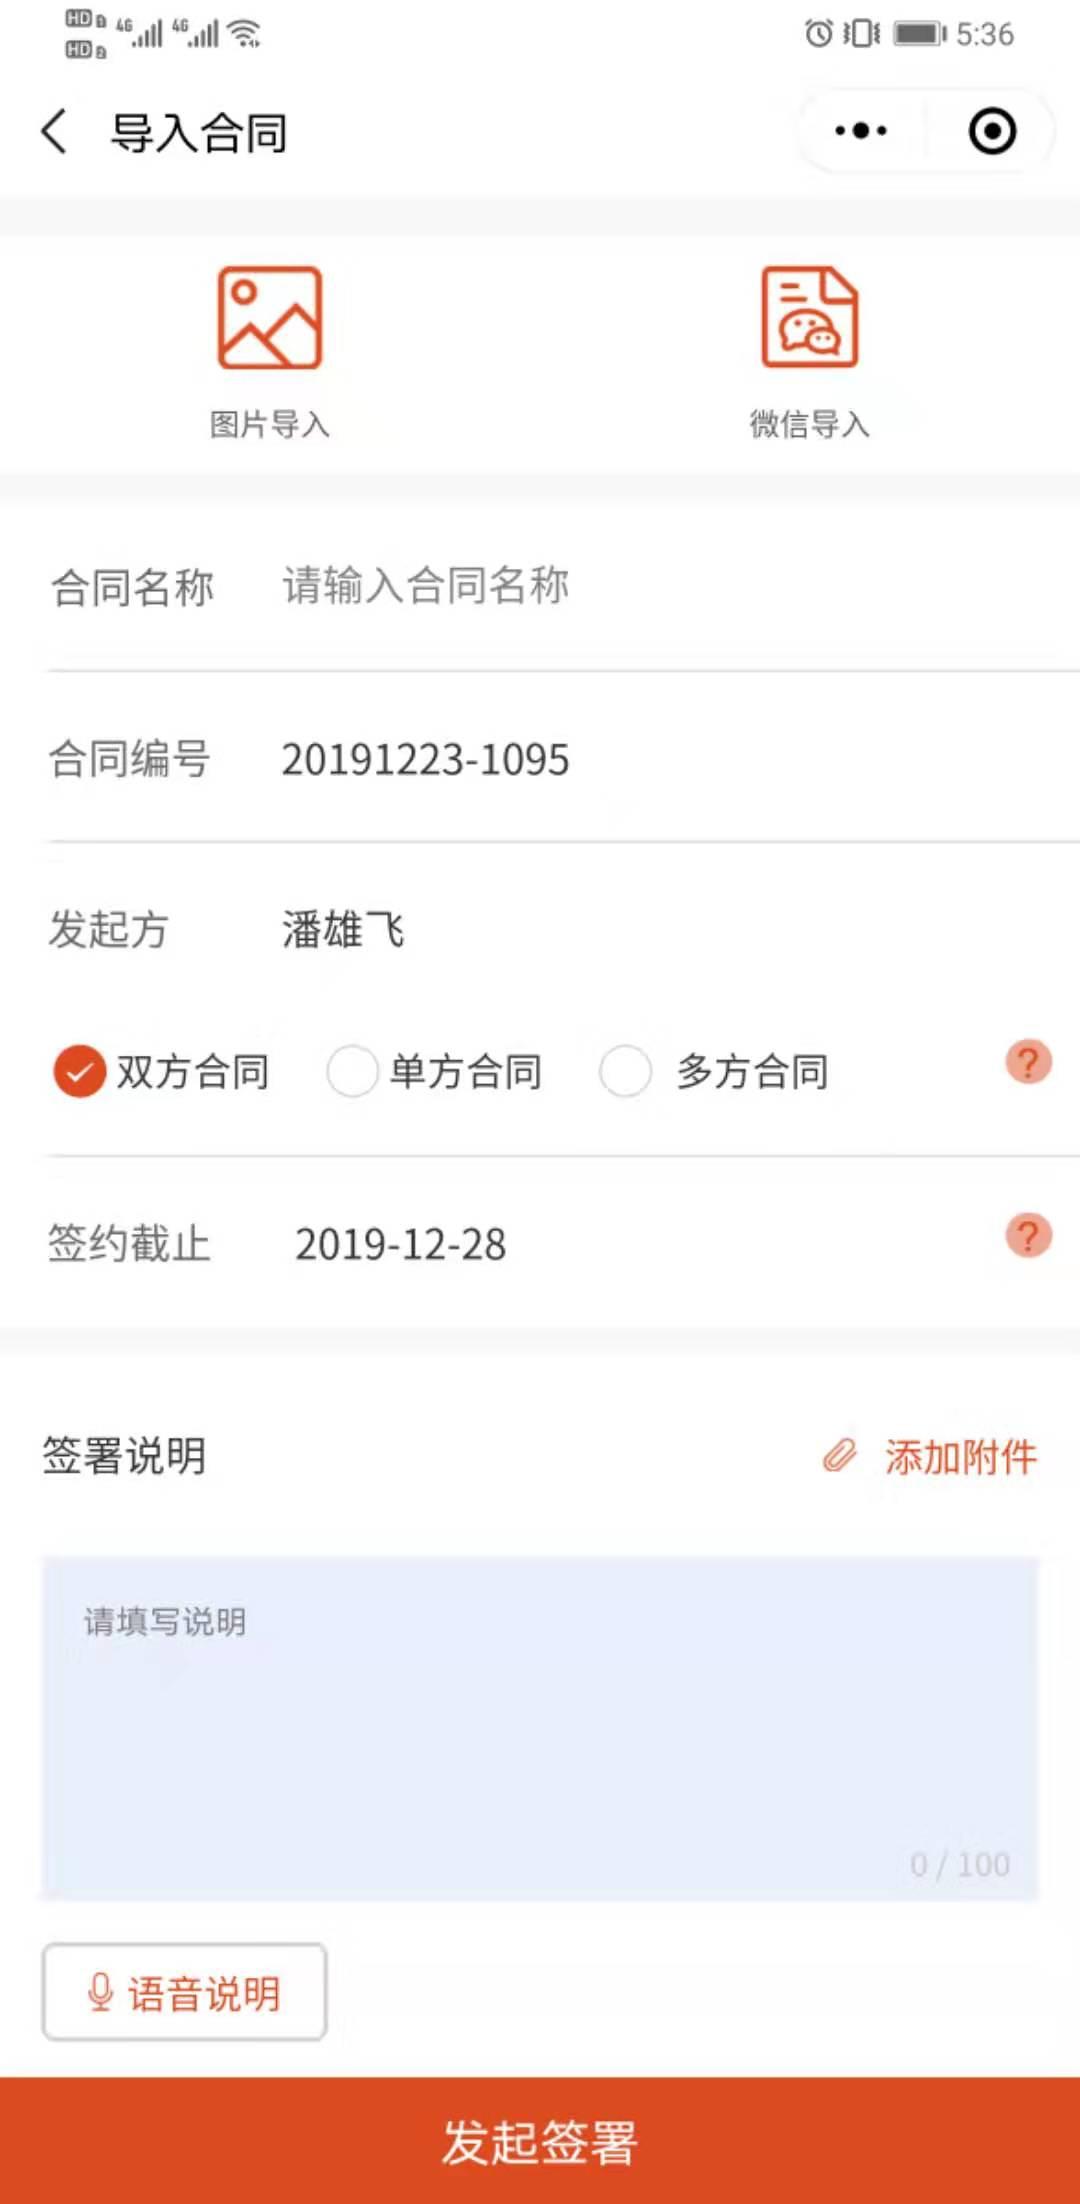 知名电子合同服务_提供法律服务-深圳波士邦信息技术有限公司